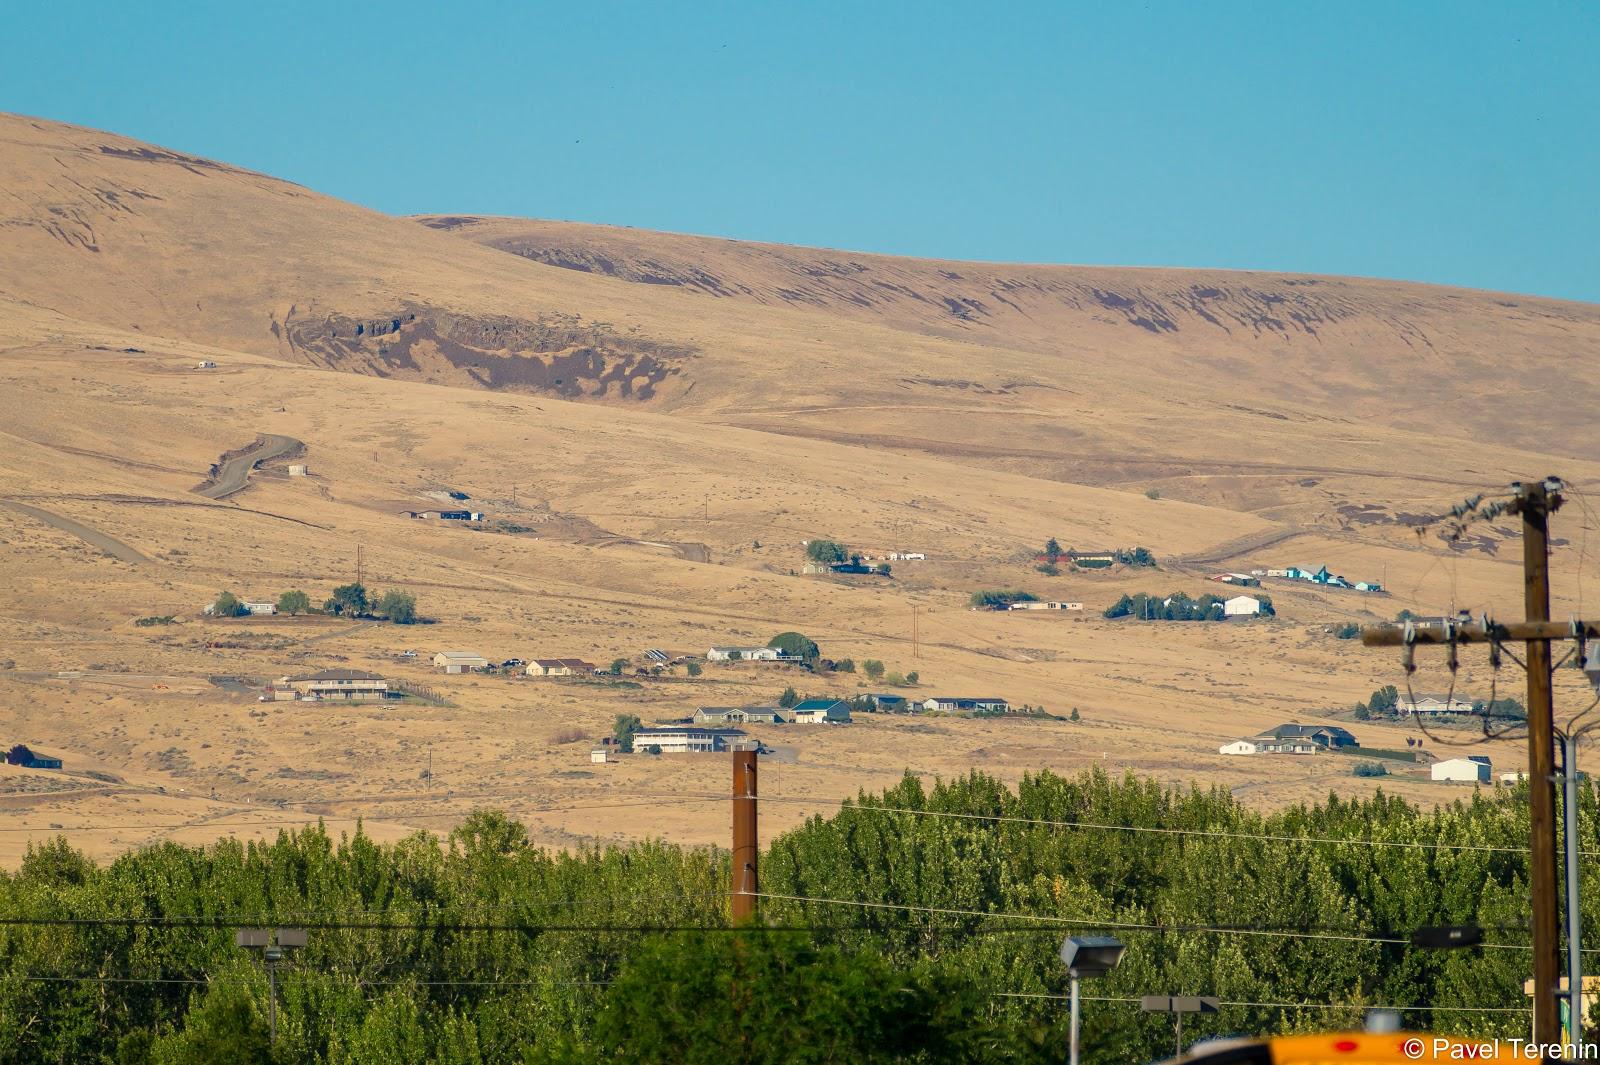 которые при ближайшем рассмотрении окзываются не такими уж и пустынными. Тут и там на холмах разбросаны жилые домики.